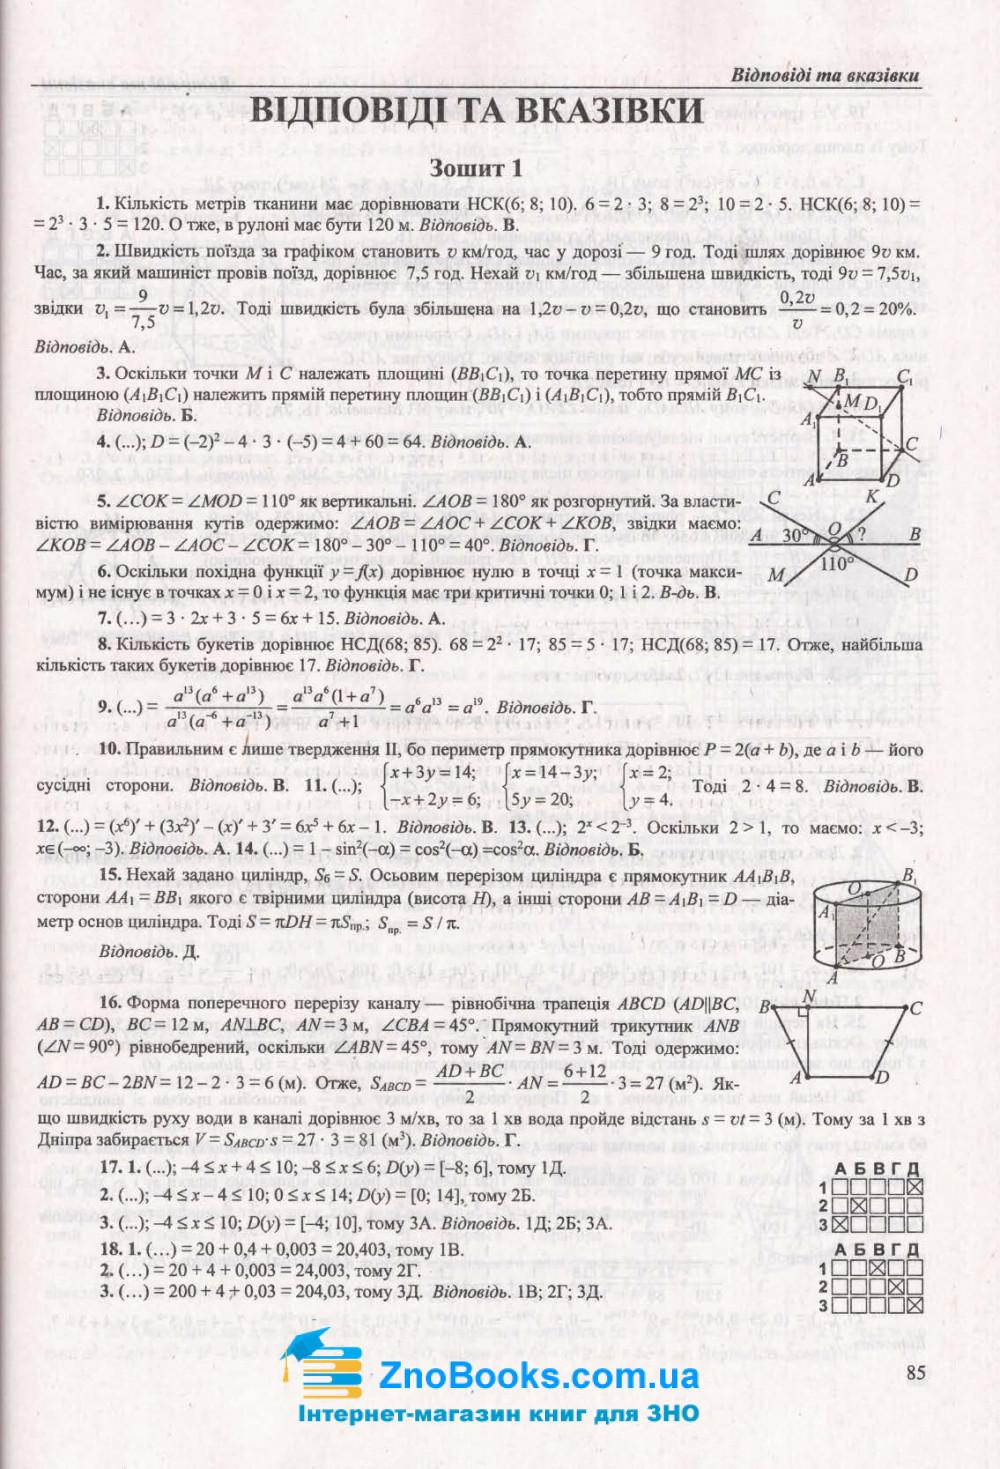 Математика ЗНО 2021 рівень стандарту та профільний. Комплексне видання + Тренажер /КОМПЛЕКТ/ : Капіносов А. Підручники і посібники. 14